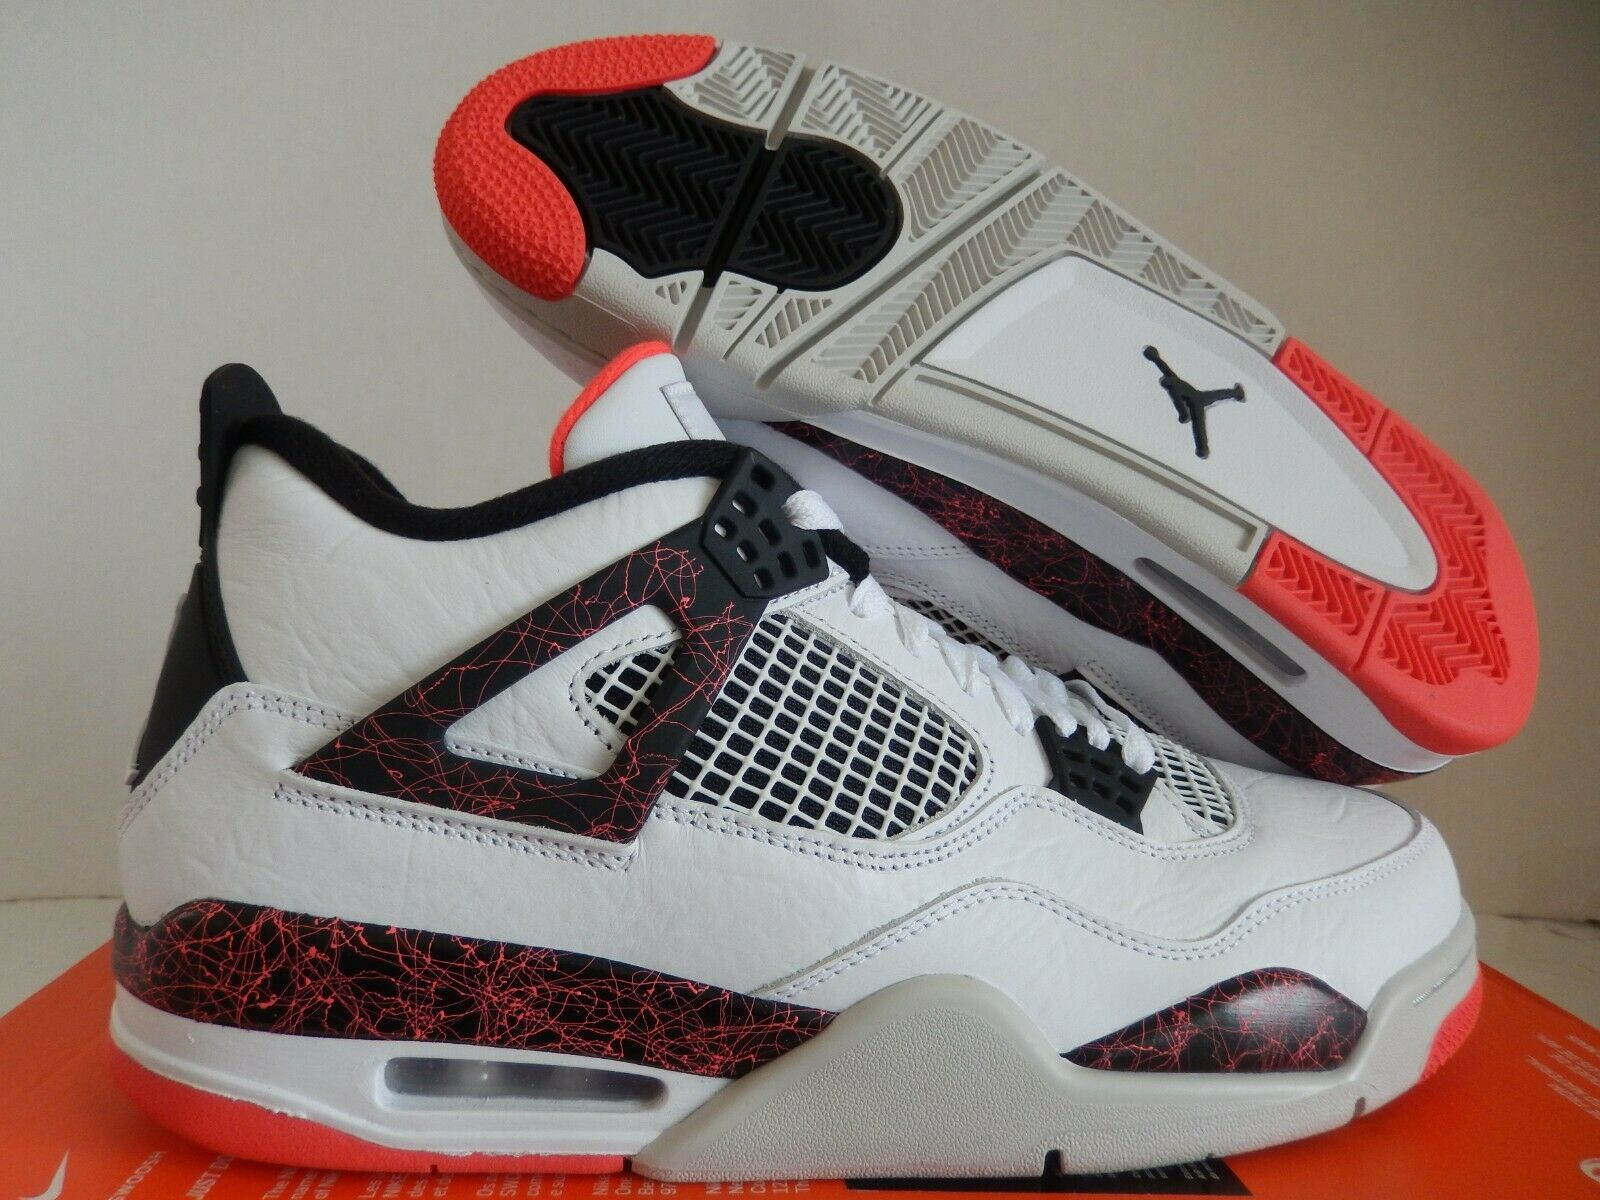 Nike 308497-116 Air Jordan 4 Retro